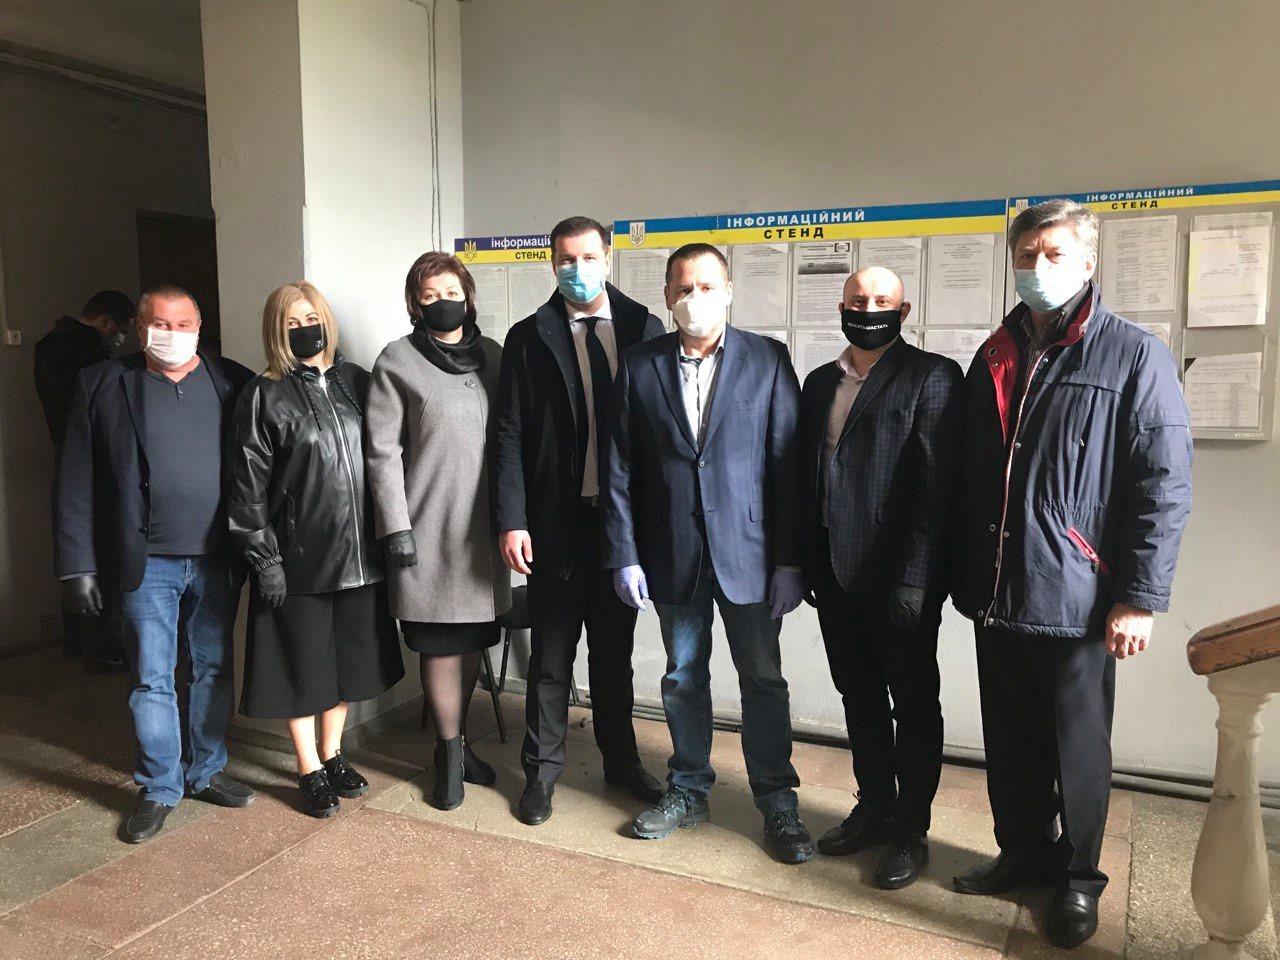 Олександр Шамота у компанії міського голови Дніпра Бориса Філатова